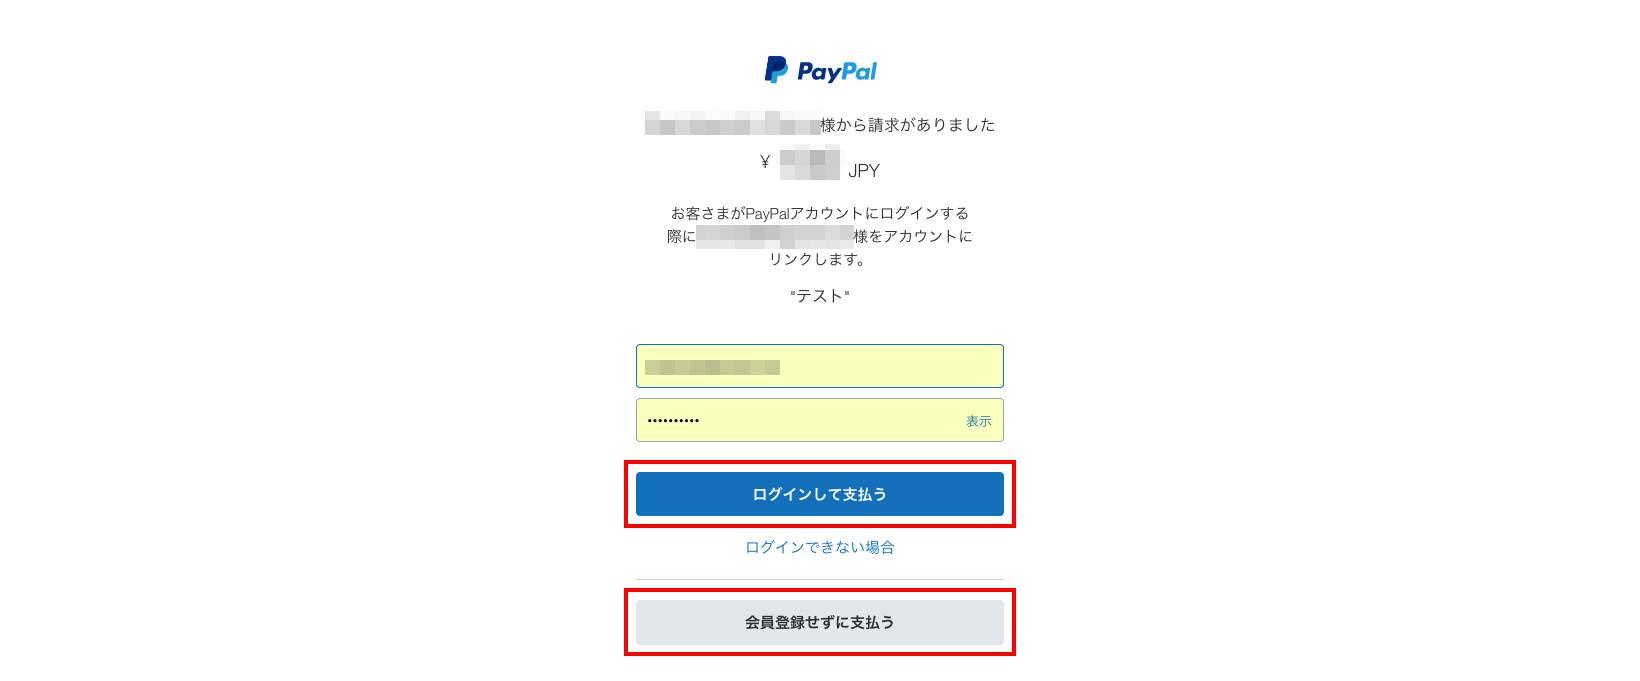 支払い請求に対して支払う